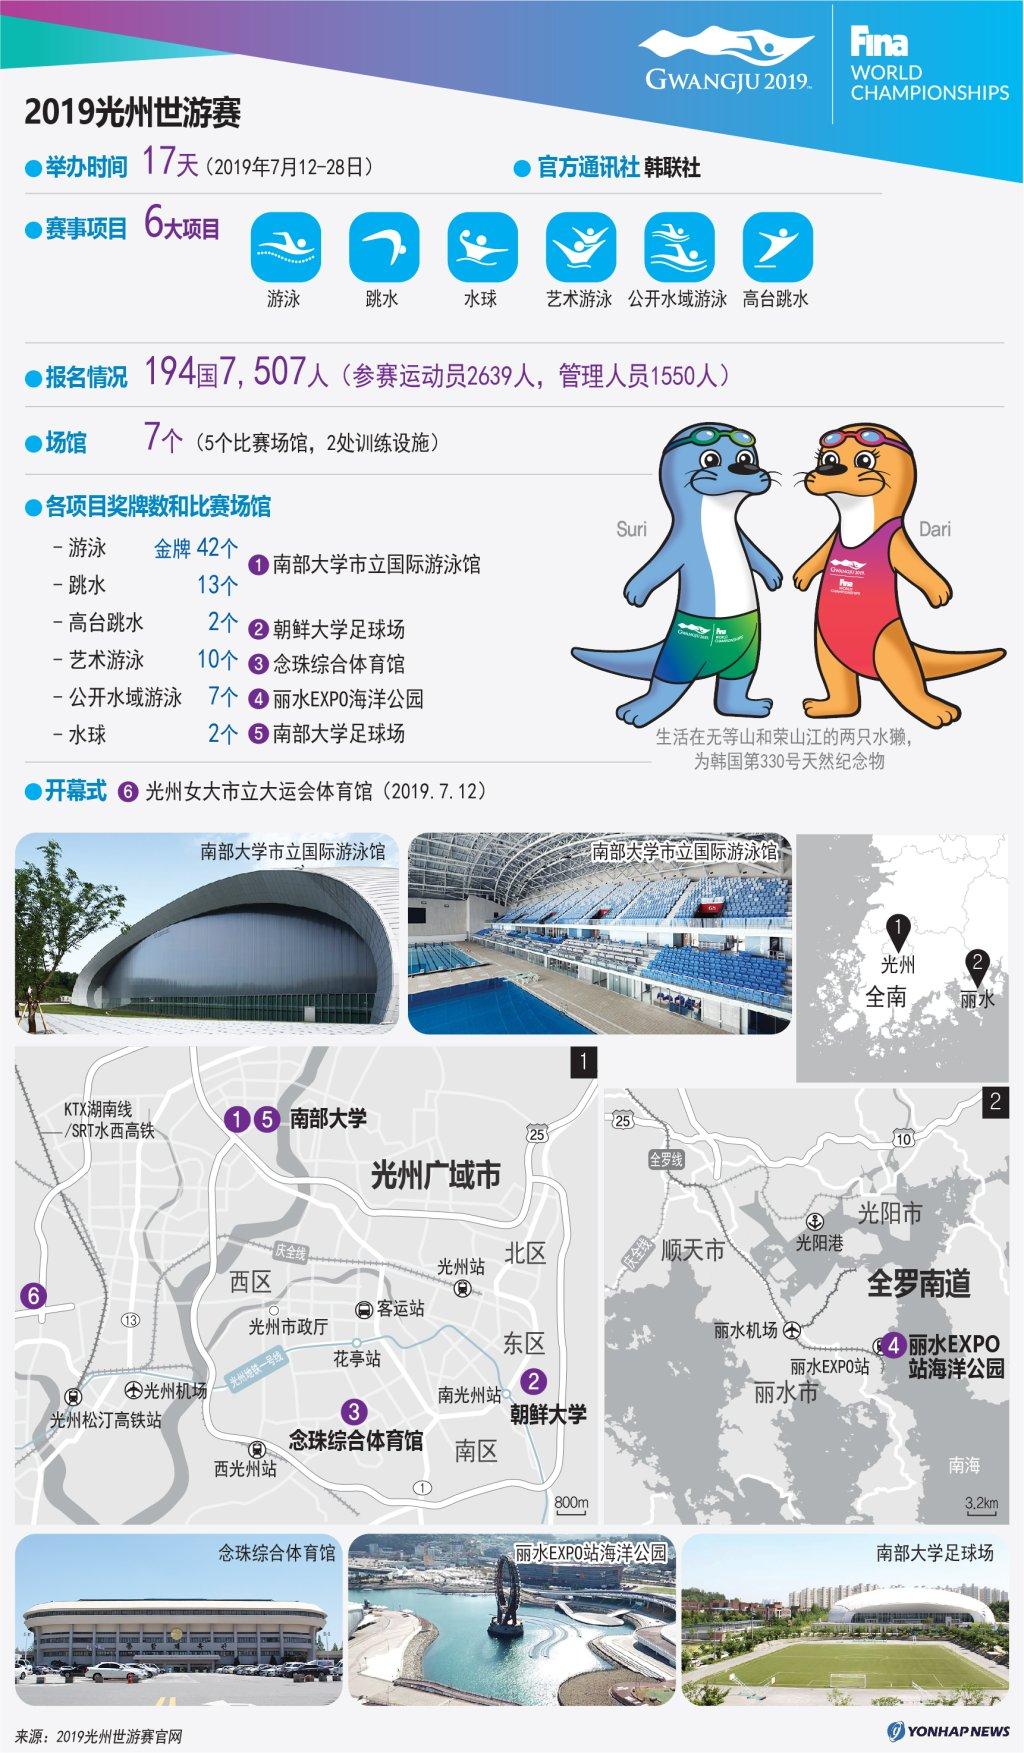 2019光州世游赛